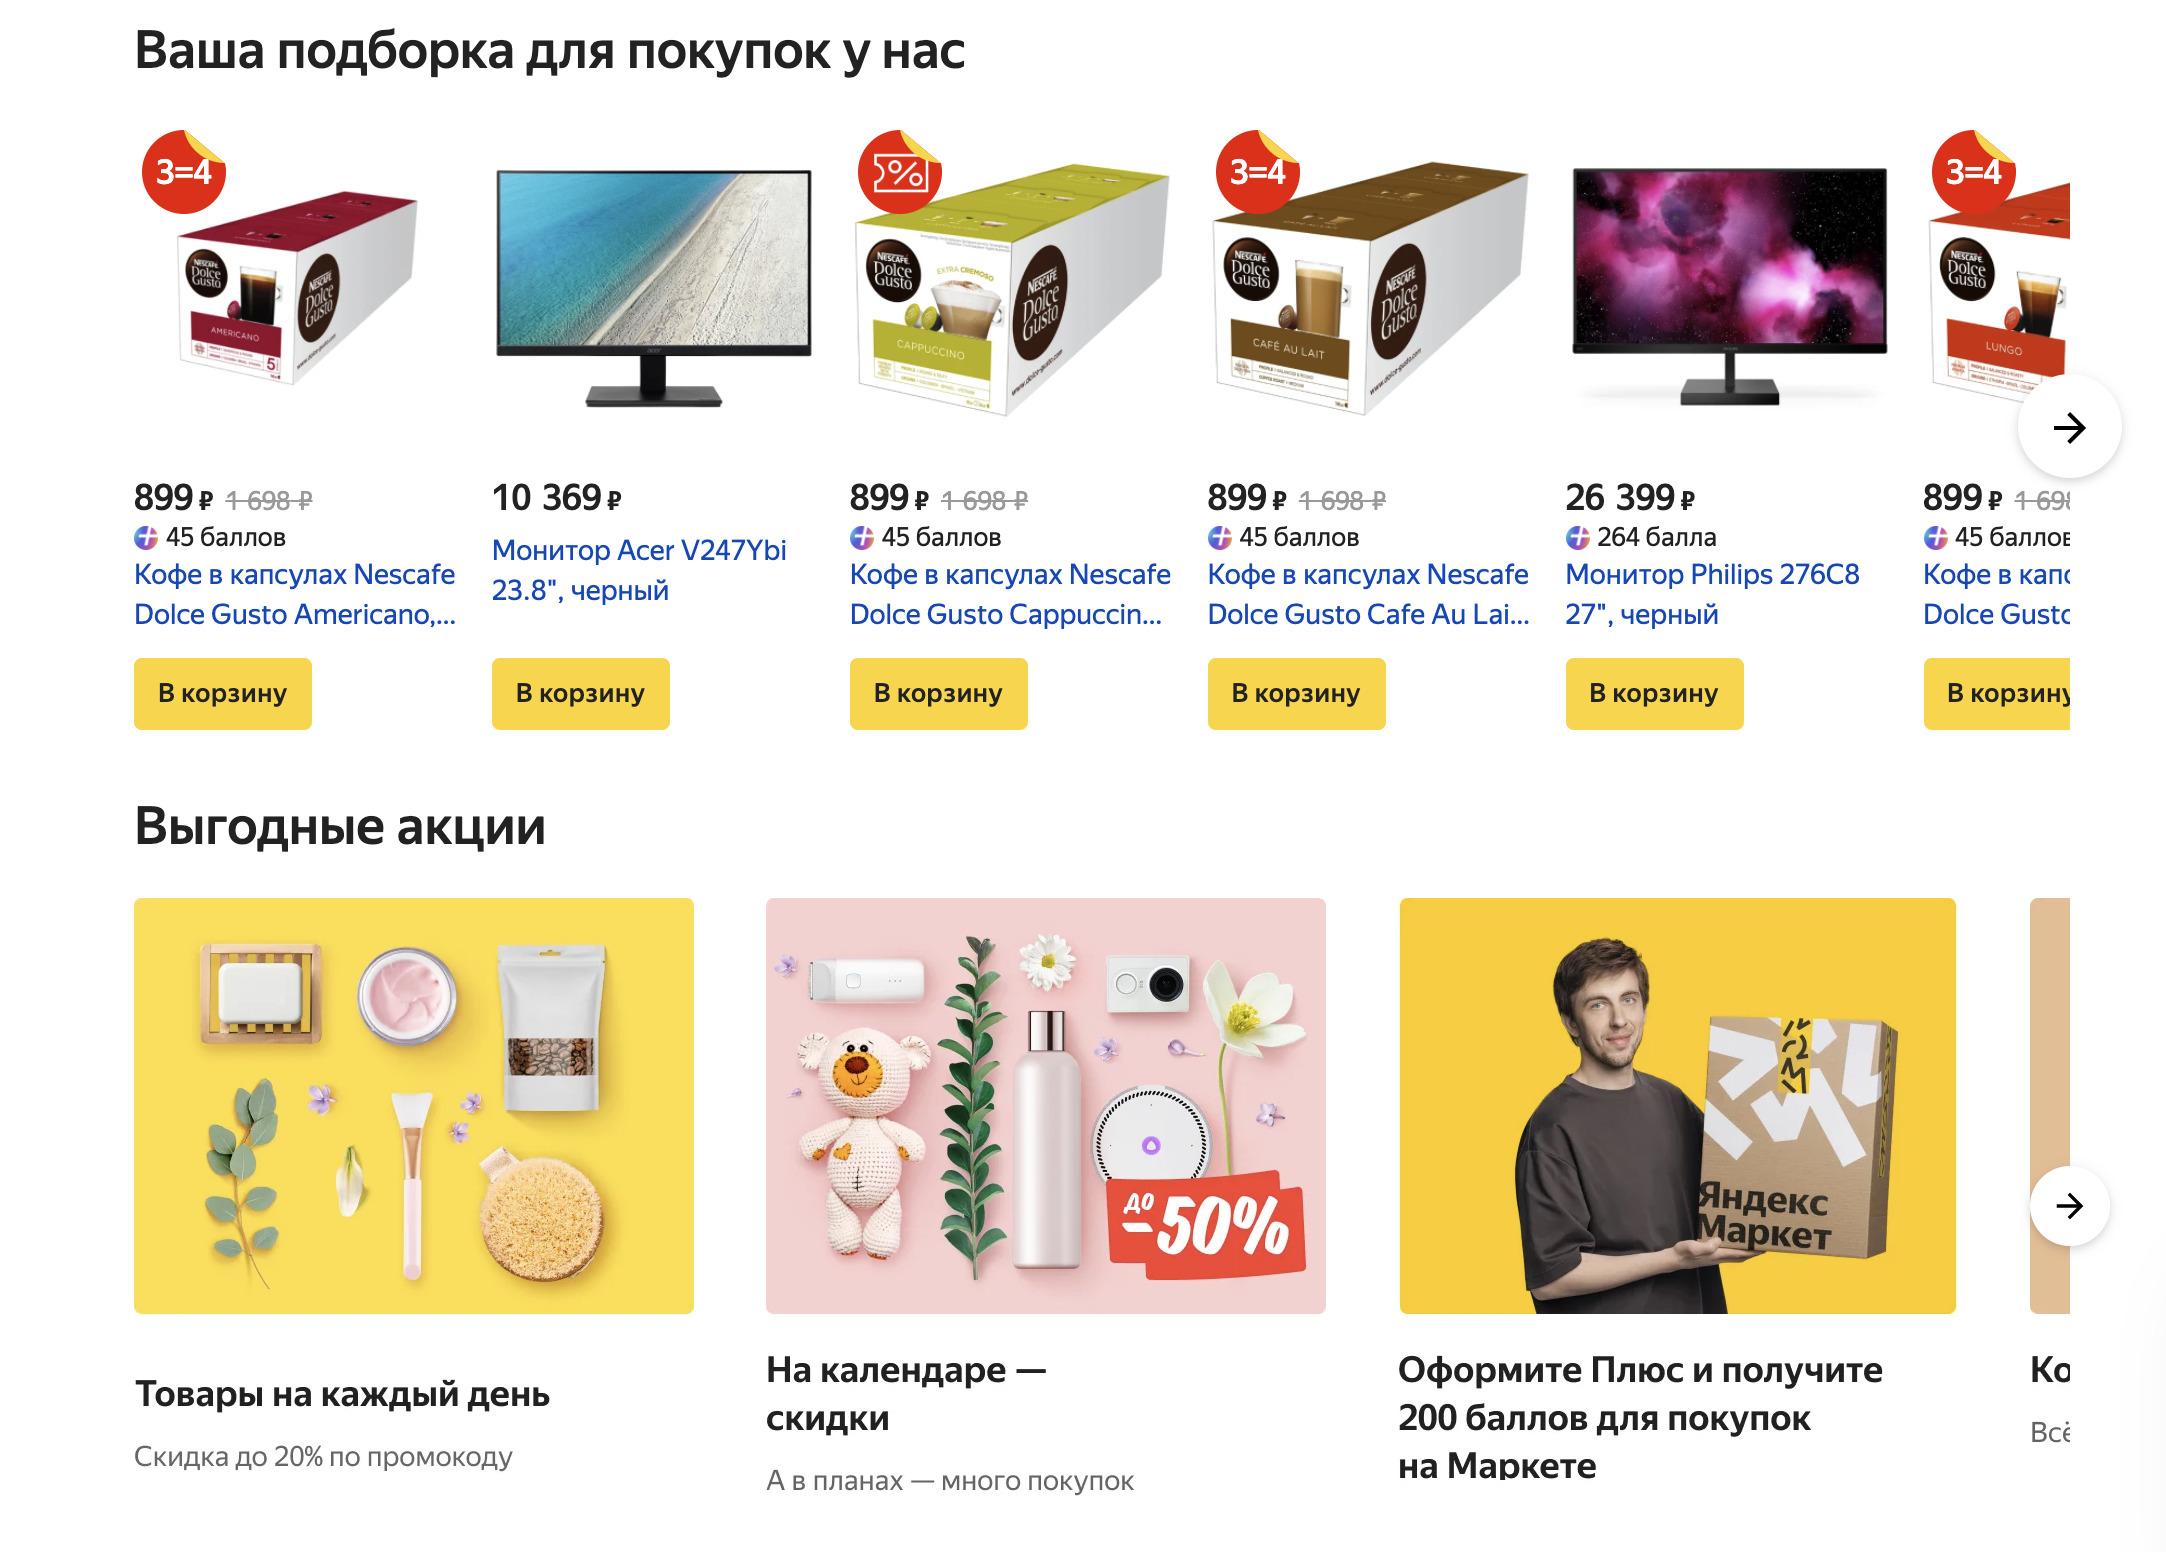 Доставка из Яндекс.Маркет в Ишимбай, сроки, пункты выдачи, каталог